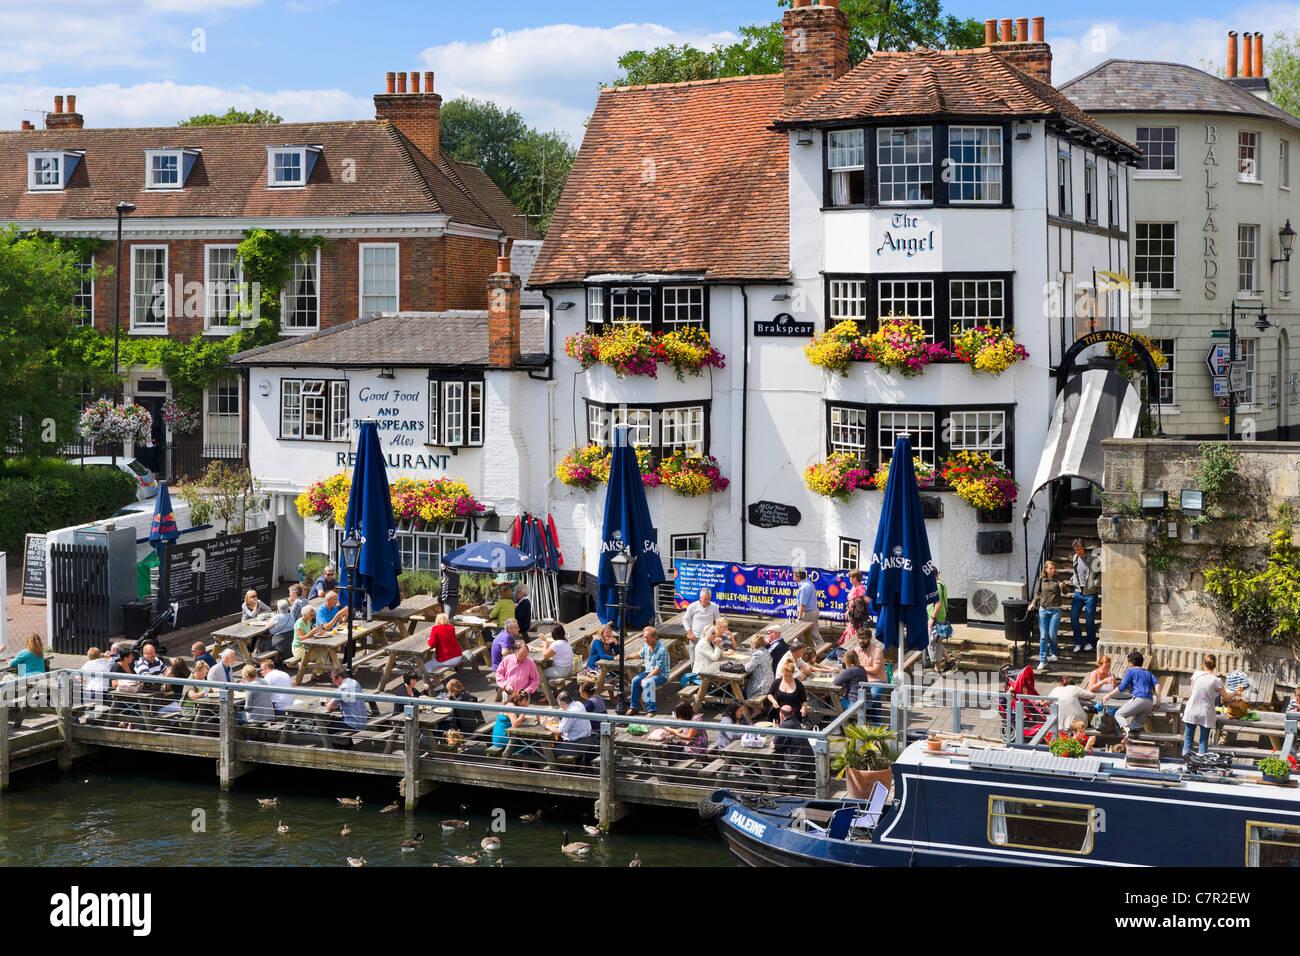 L'Ange Pub sur la Tamise à Henley-on-Thames, Oxfordshire, England, UK Photo Stock